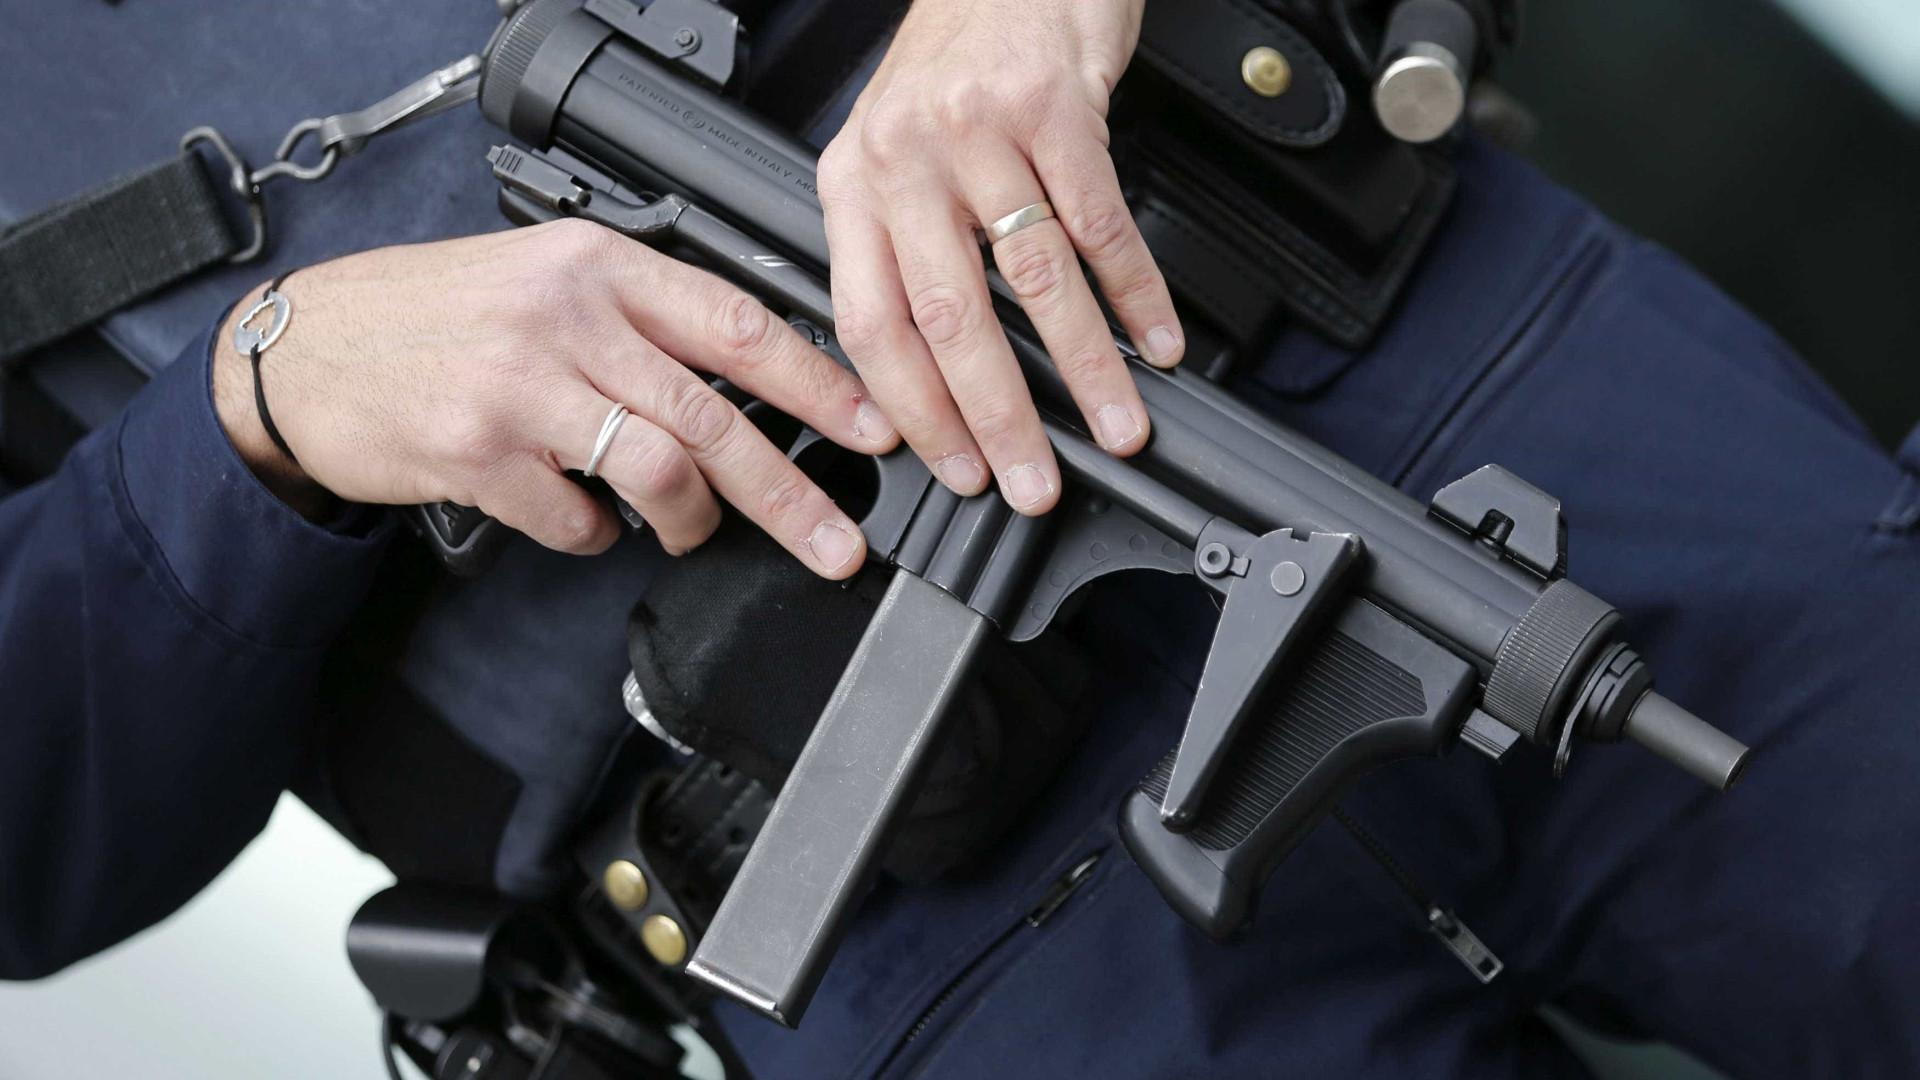 Dois detidos em projeto de atentado frustrado em França